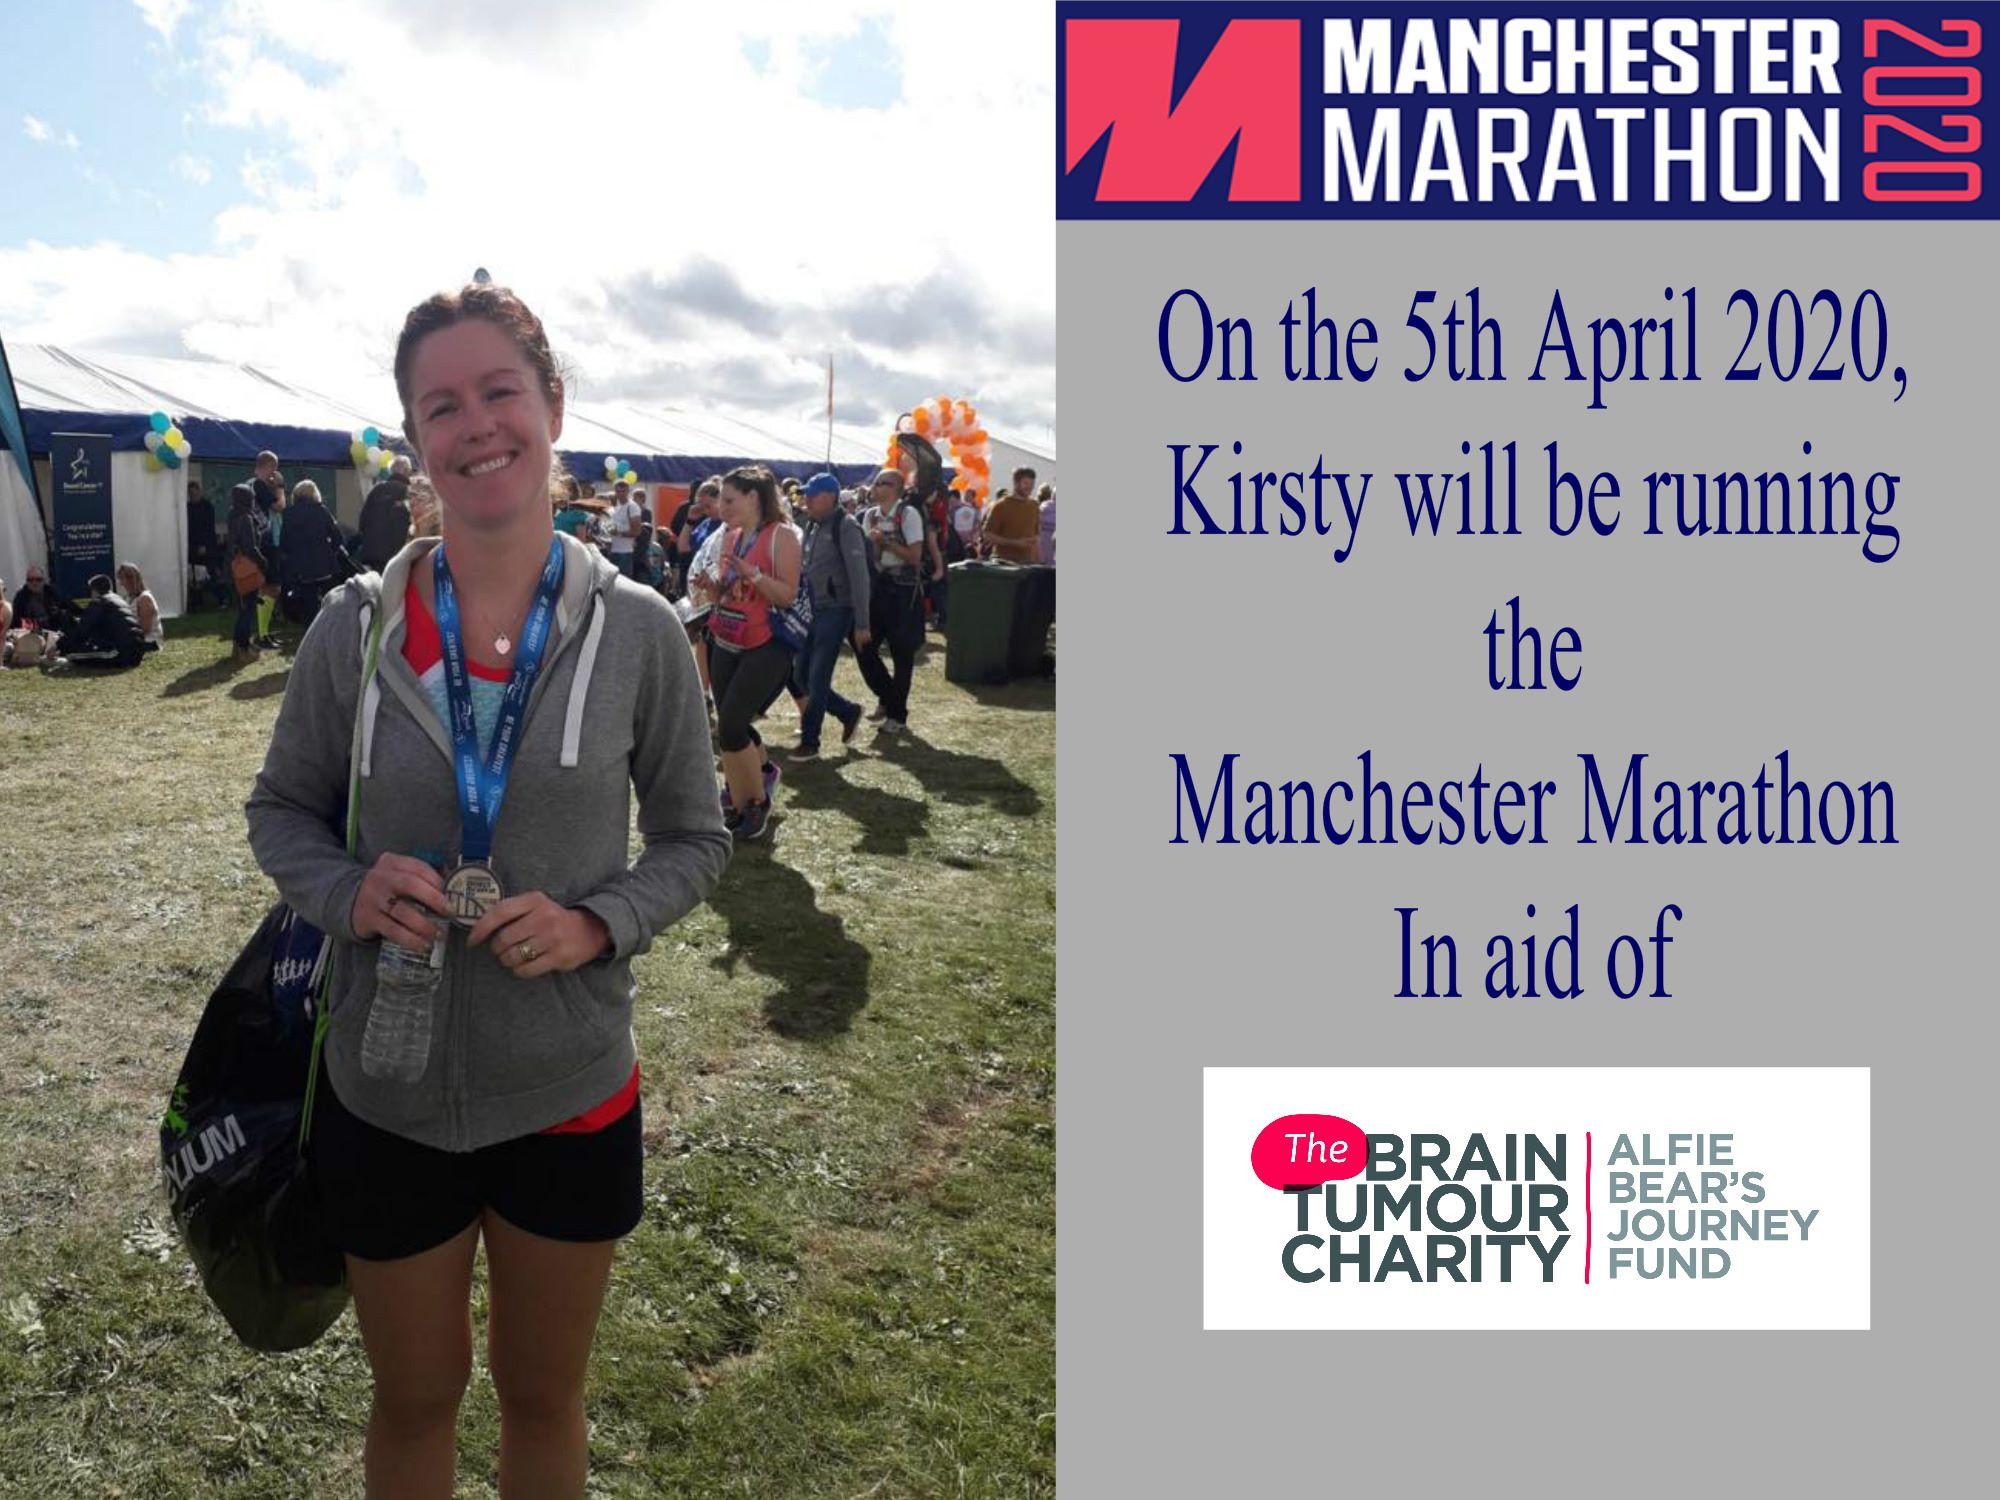 Kirsty's Manchester Marathon 2020